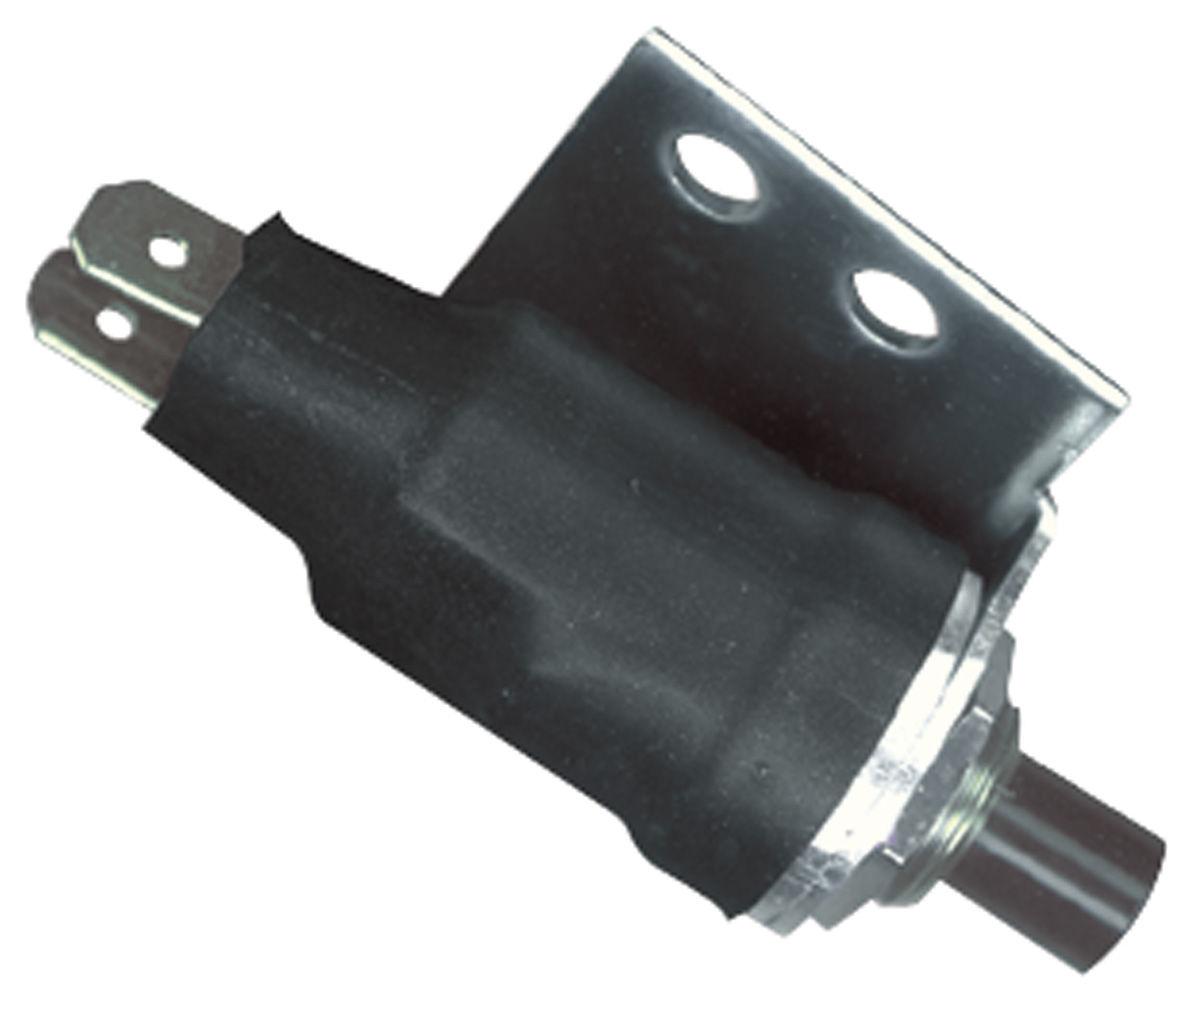 AC Compressor Switch,1966-67 Chevelle/El Camino, Button on Case, 2-Wire